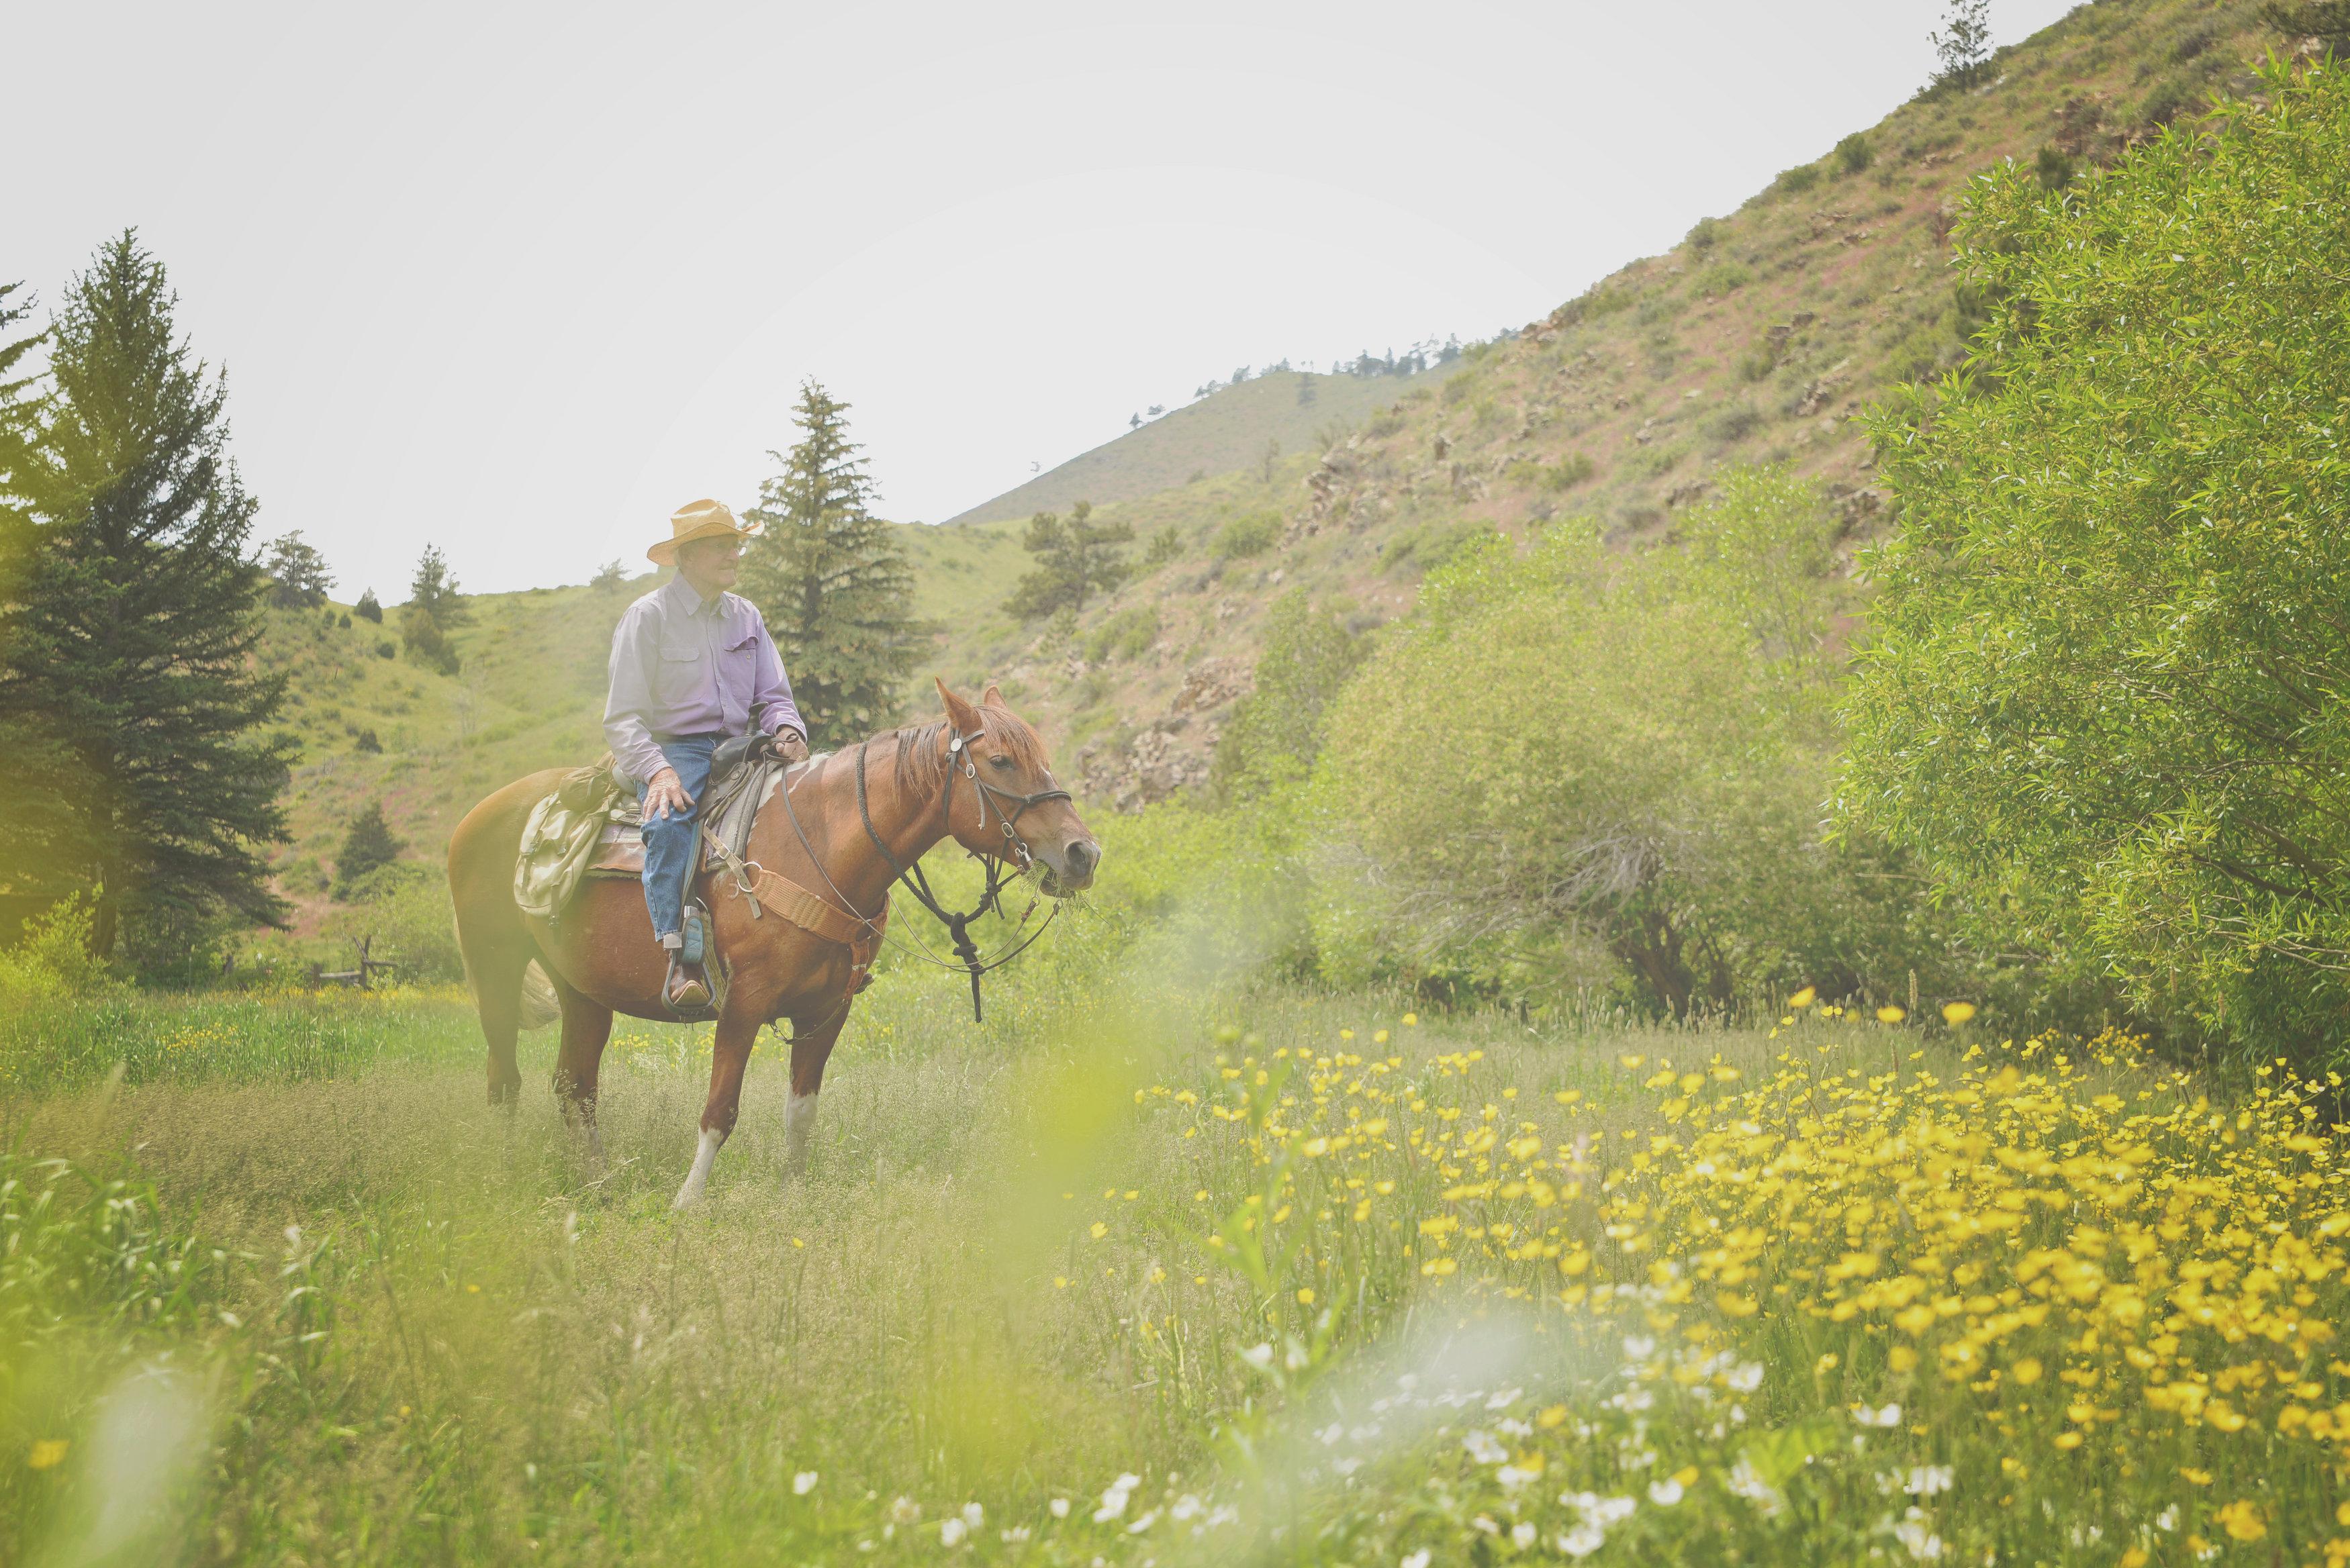 horse-meadow-cherokee-park.jpg